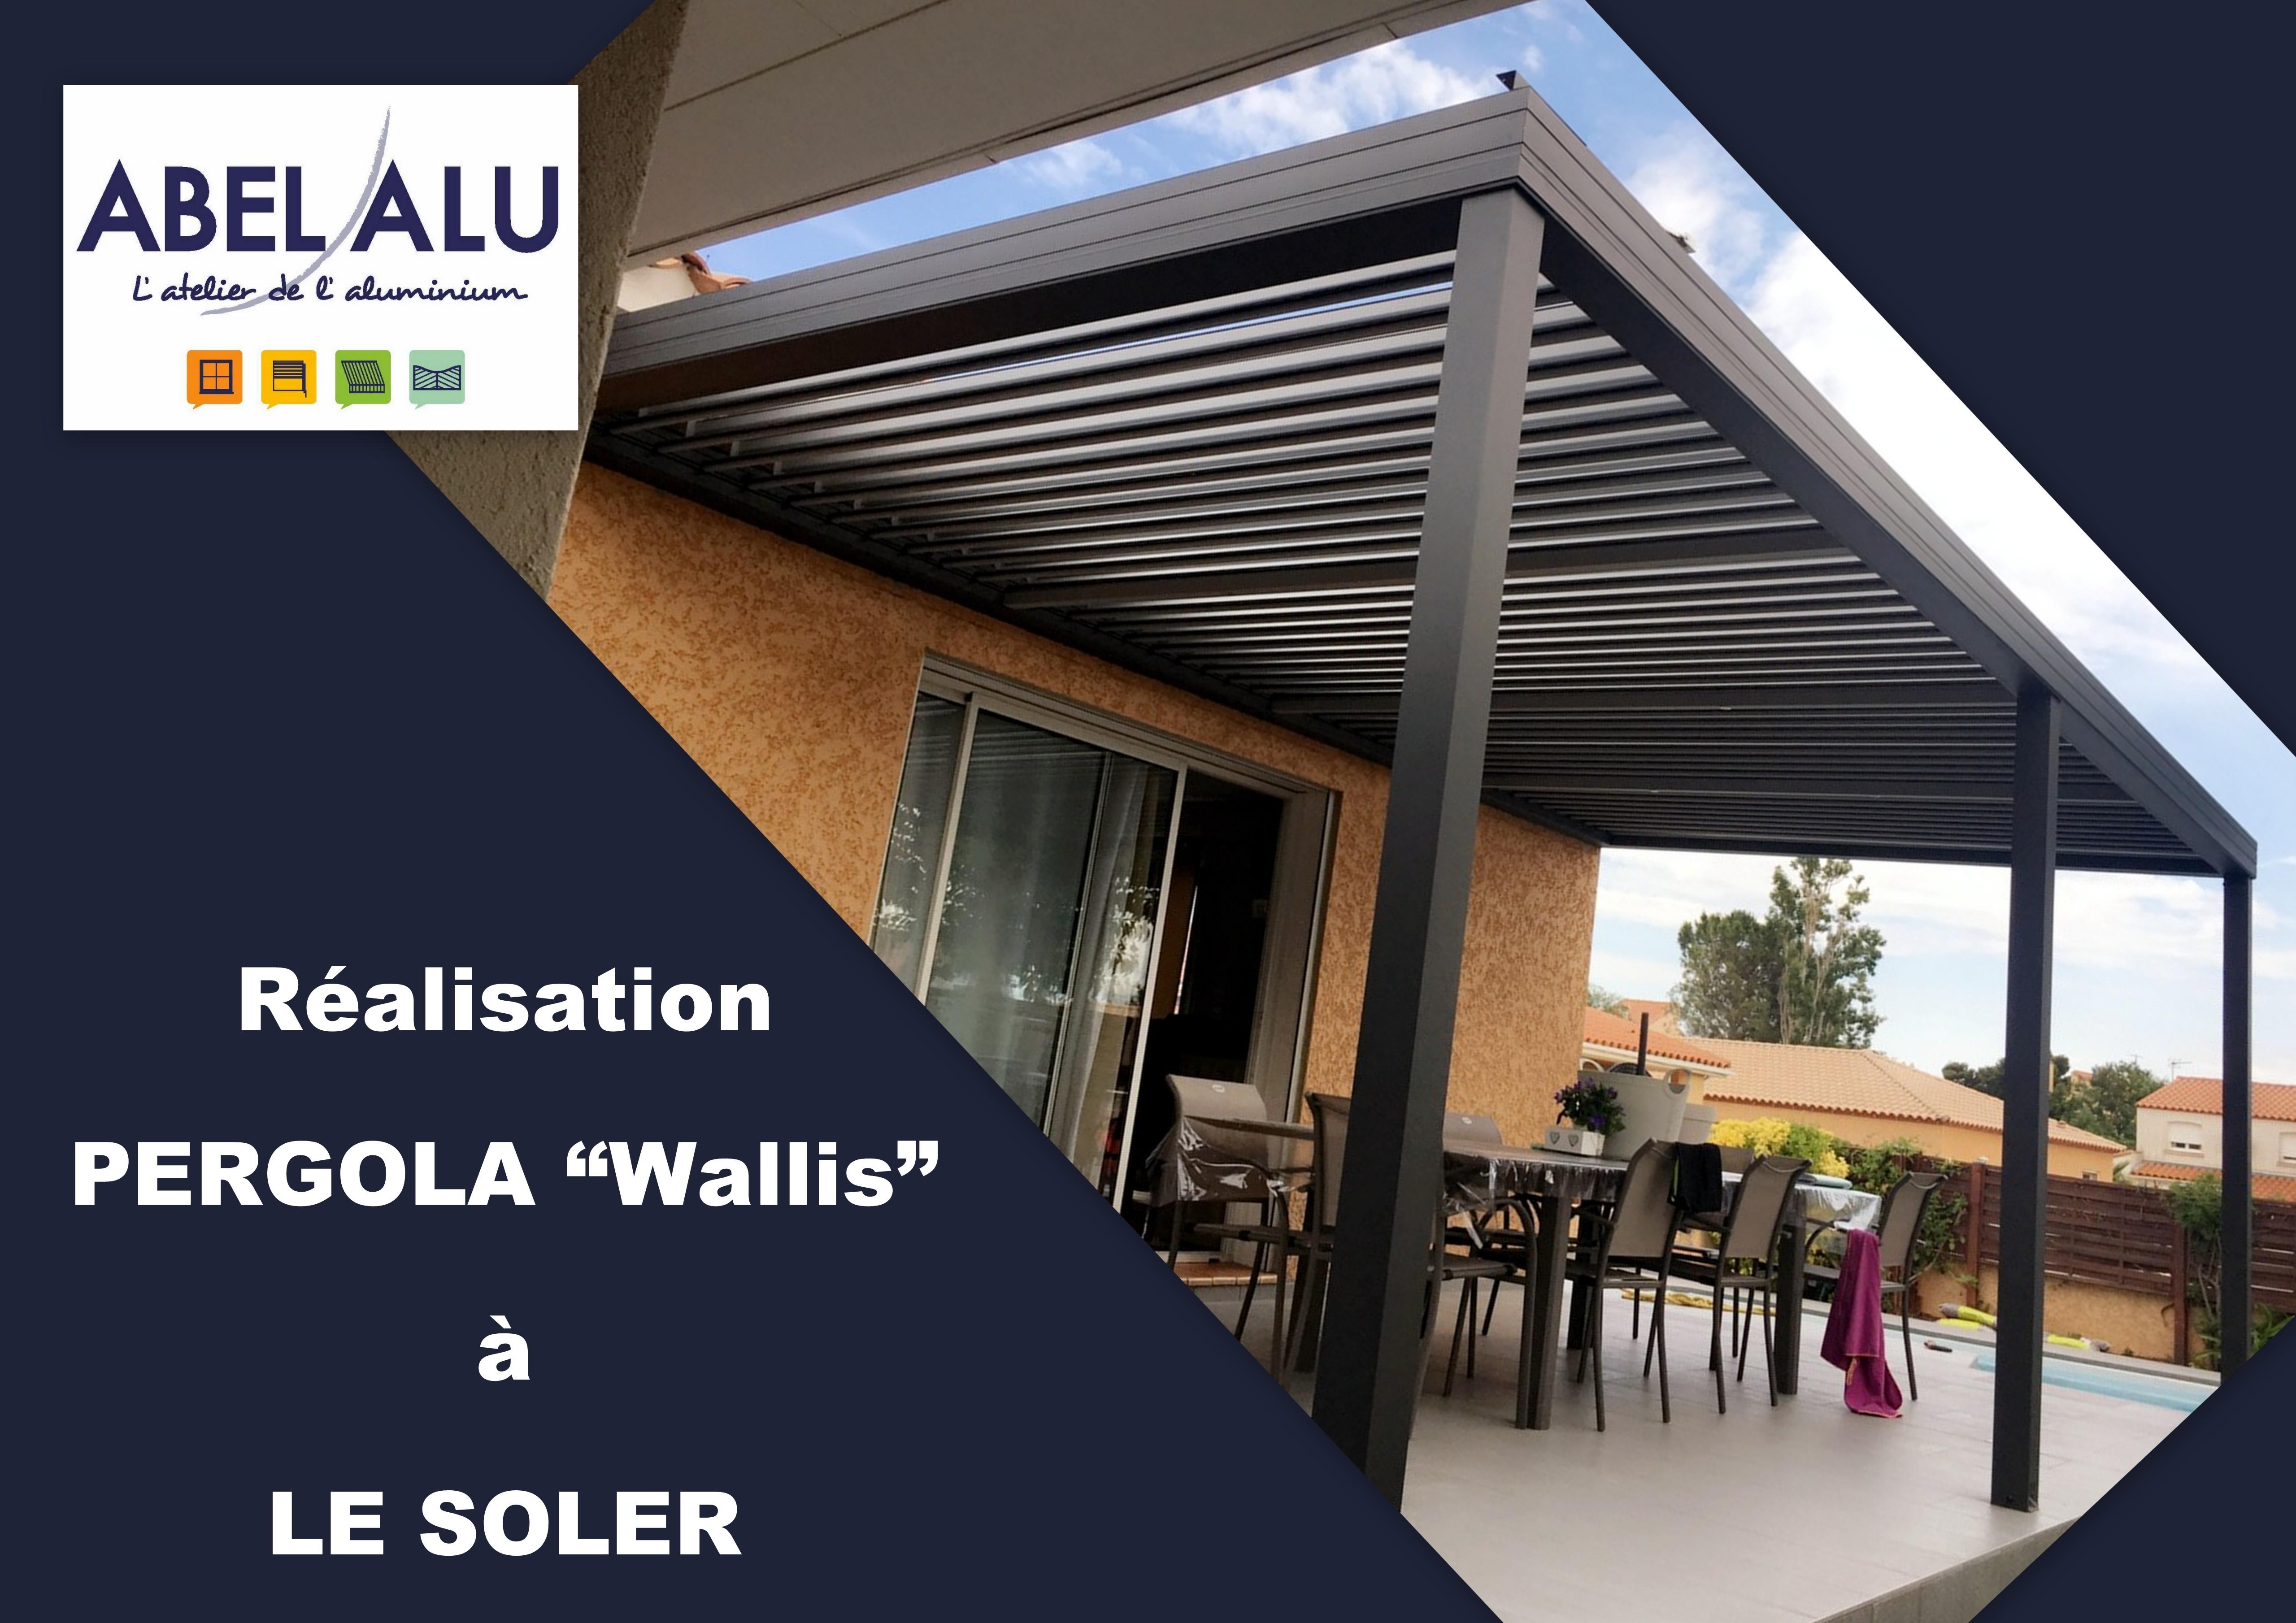 ABEL ALU - PERGOLA Wallis - LE SOLER